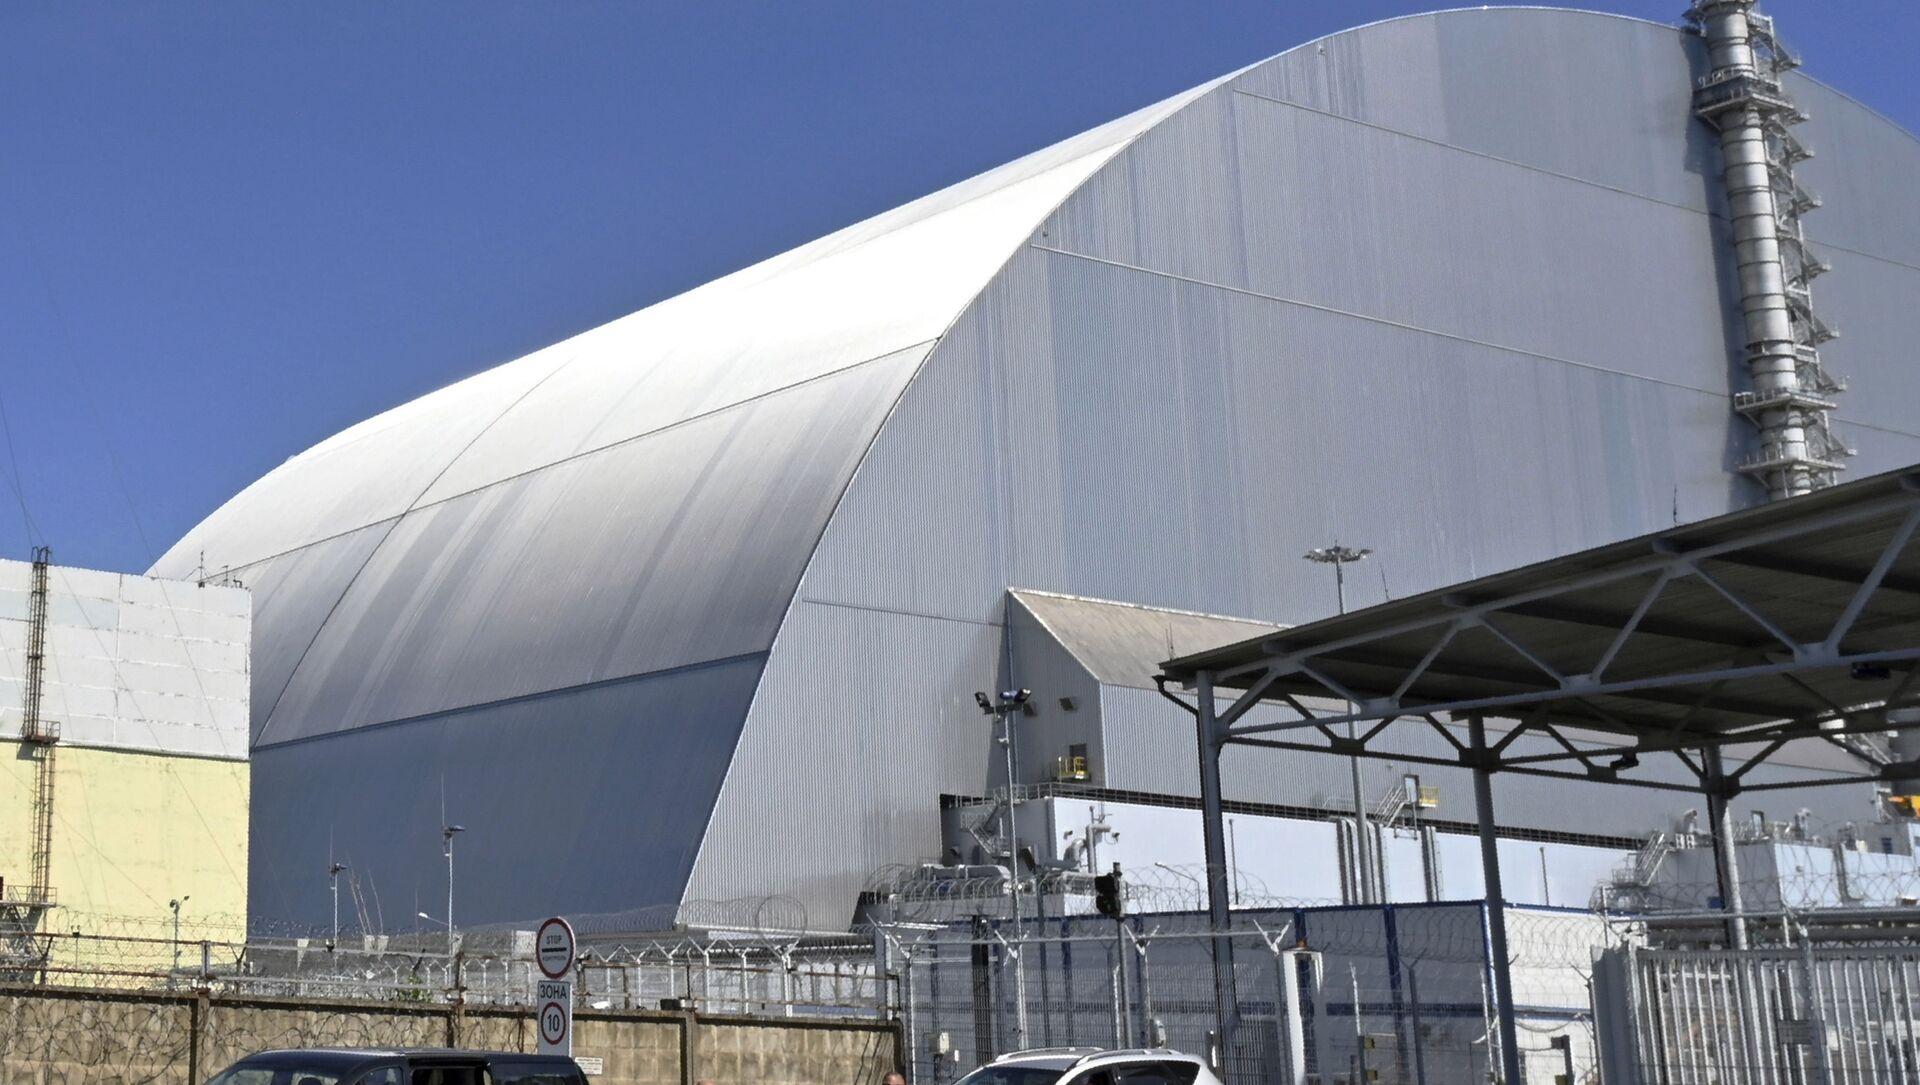 Construcción del nuevo sarcófago de la Central Nuclear de Chernóbil - Sputnik Mundo, 1920, 10.07.2019